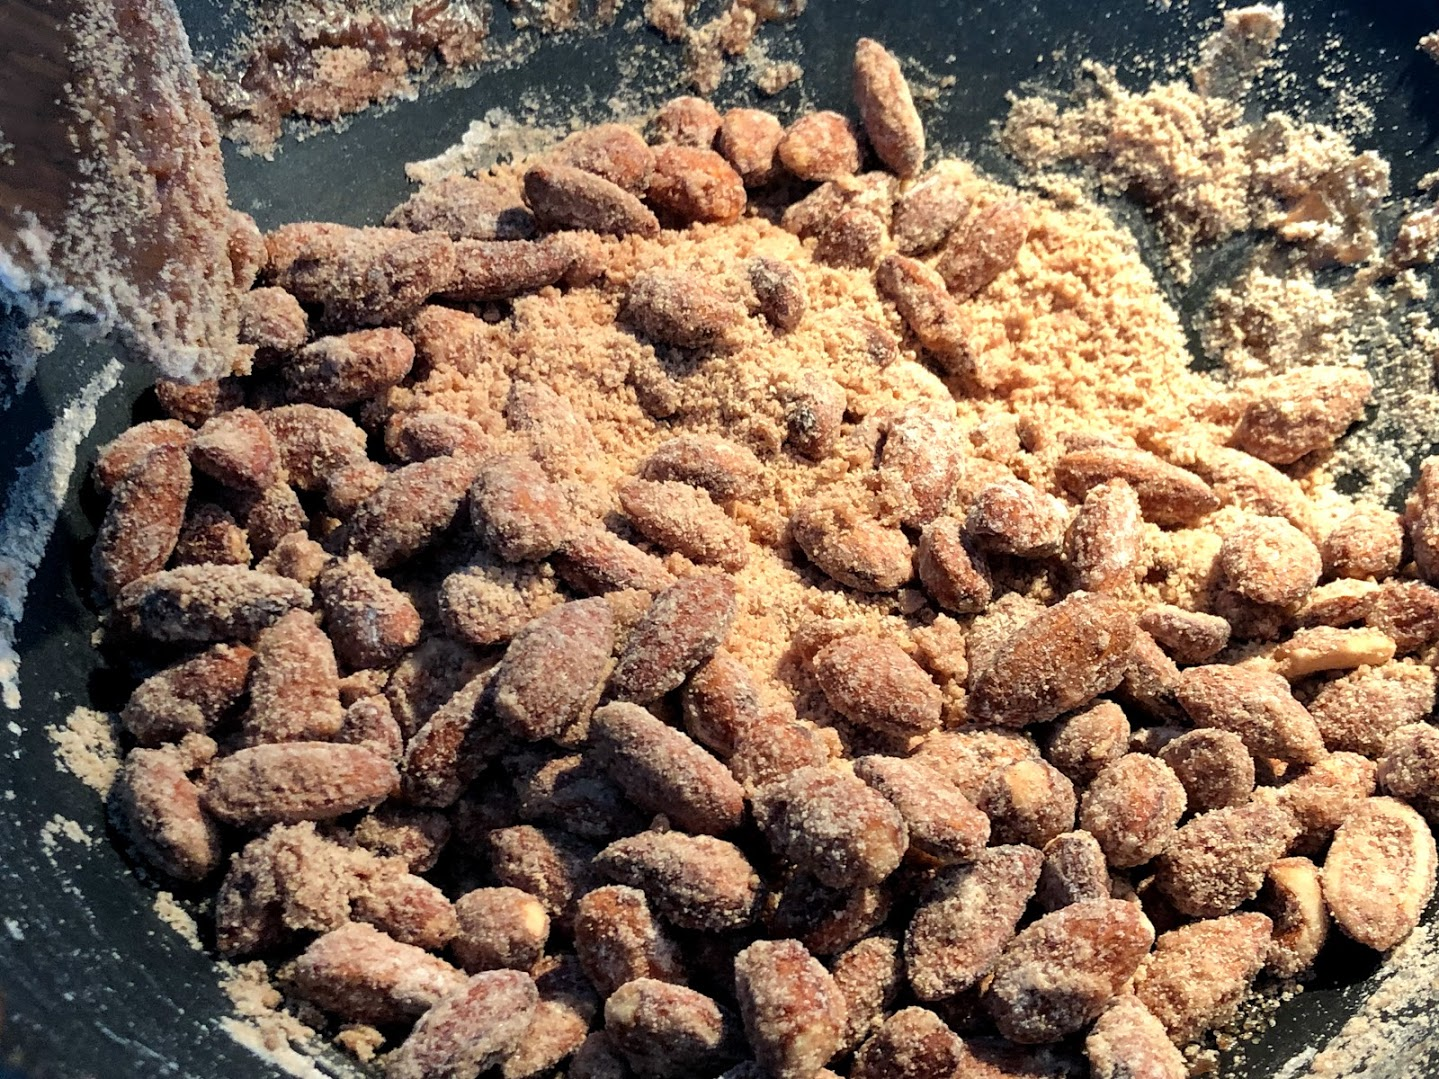 brændte mandler hjemmelavede karamel mandler karamelliserede karameliserede sukker julemandler sukkermandler opskrift på sådan laver du hvordan laver man